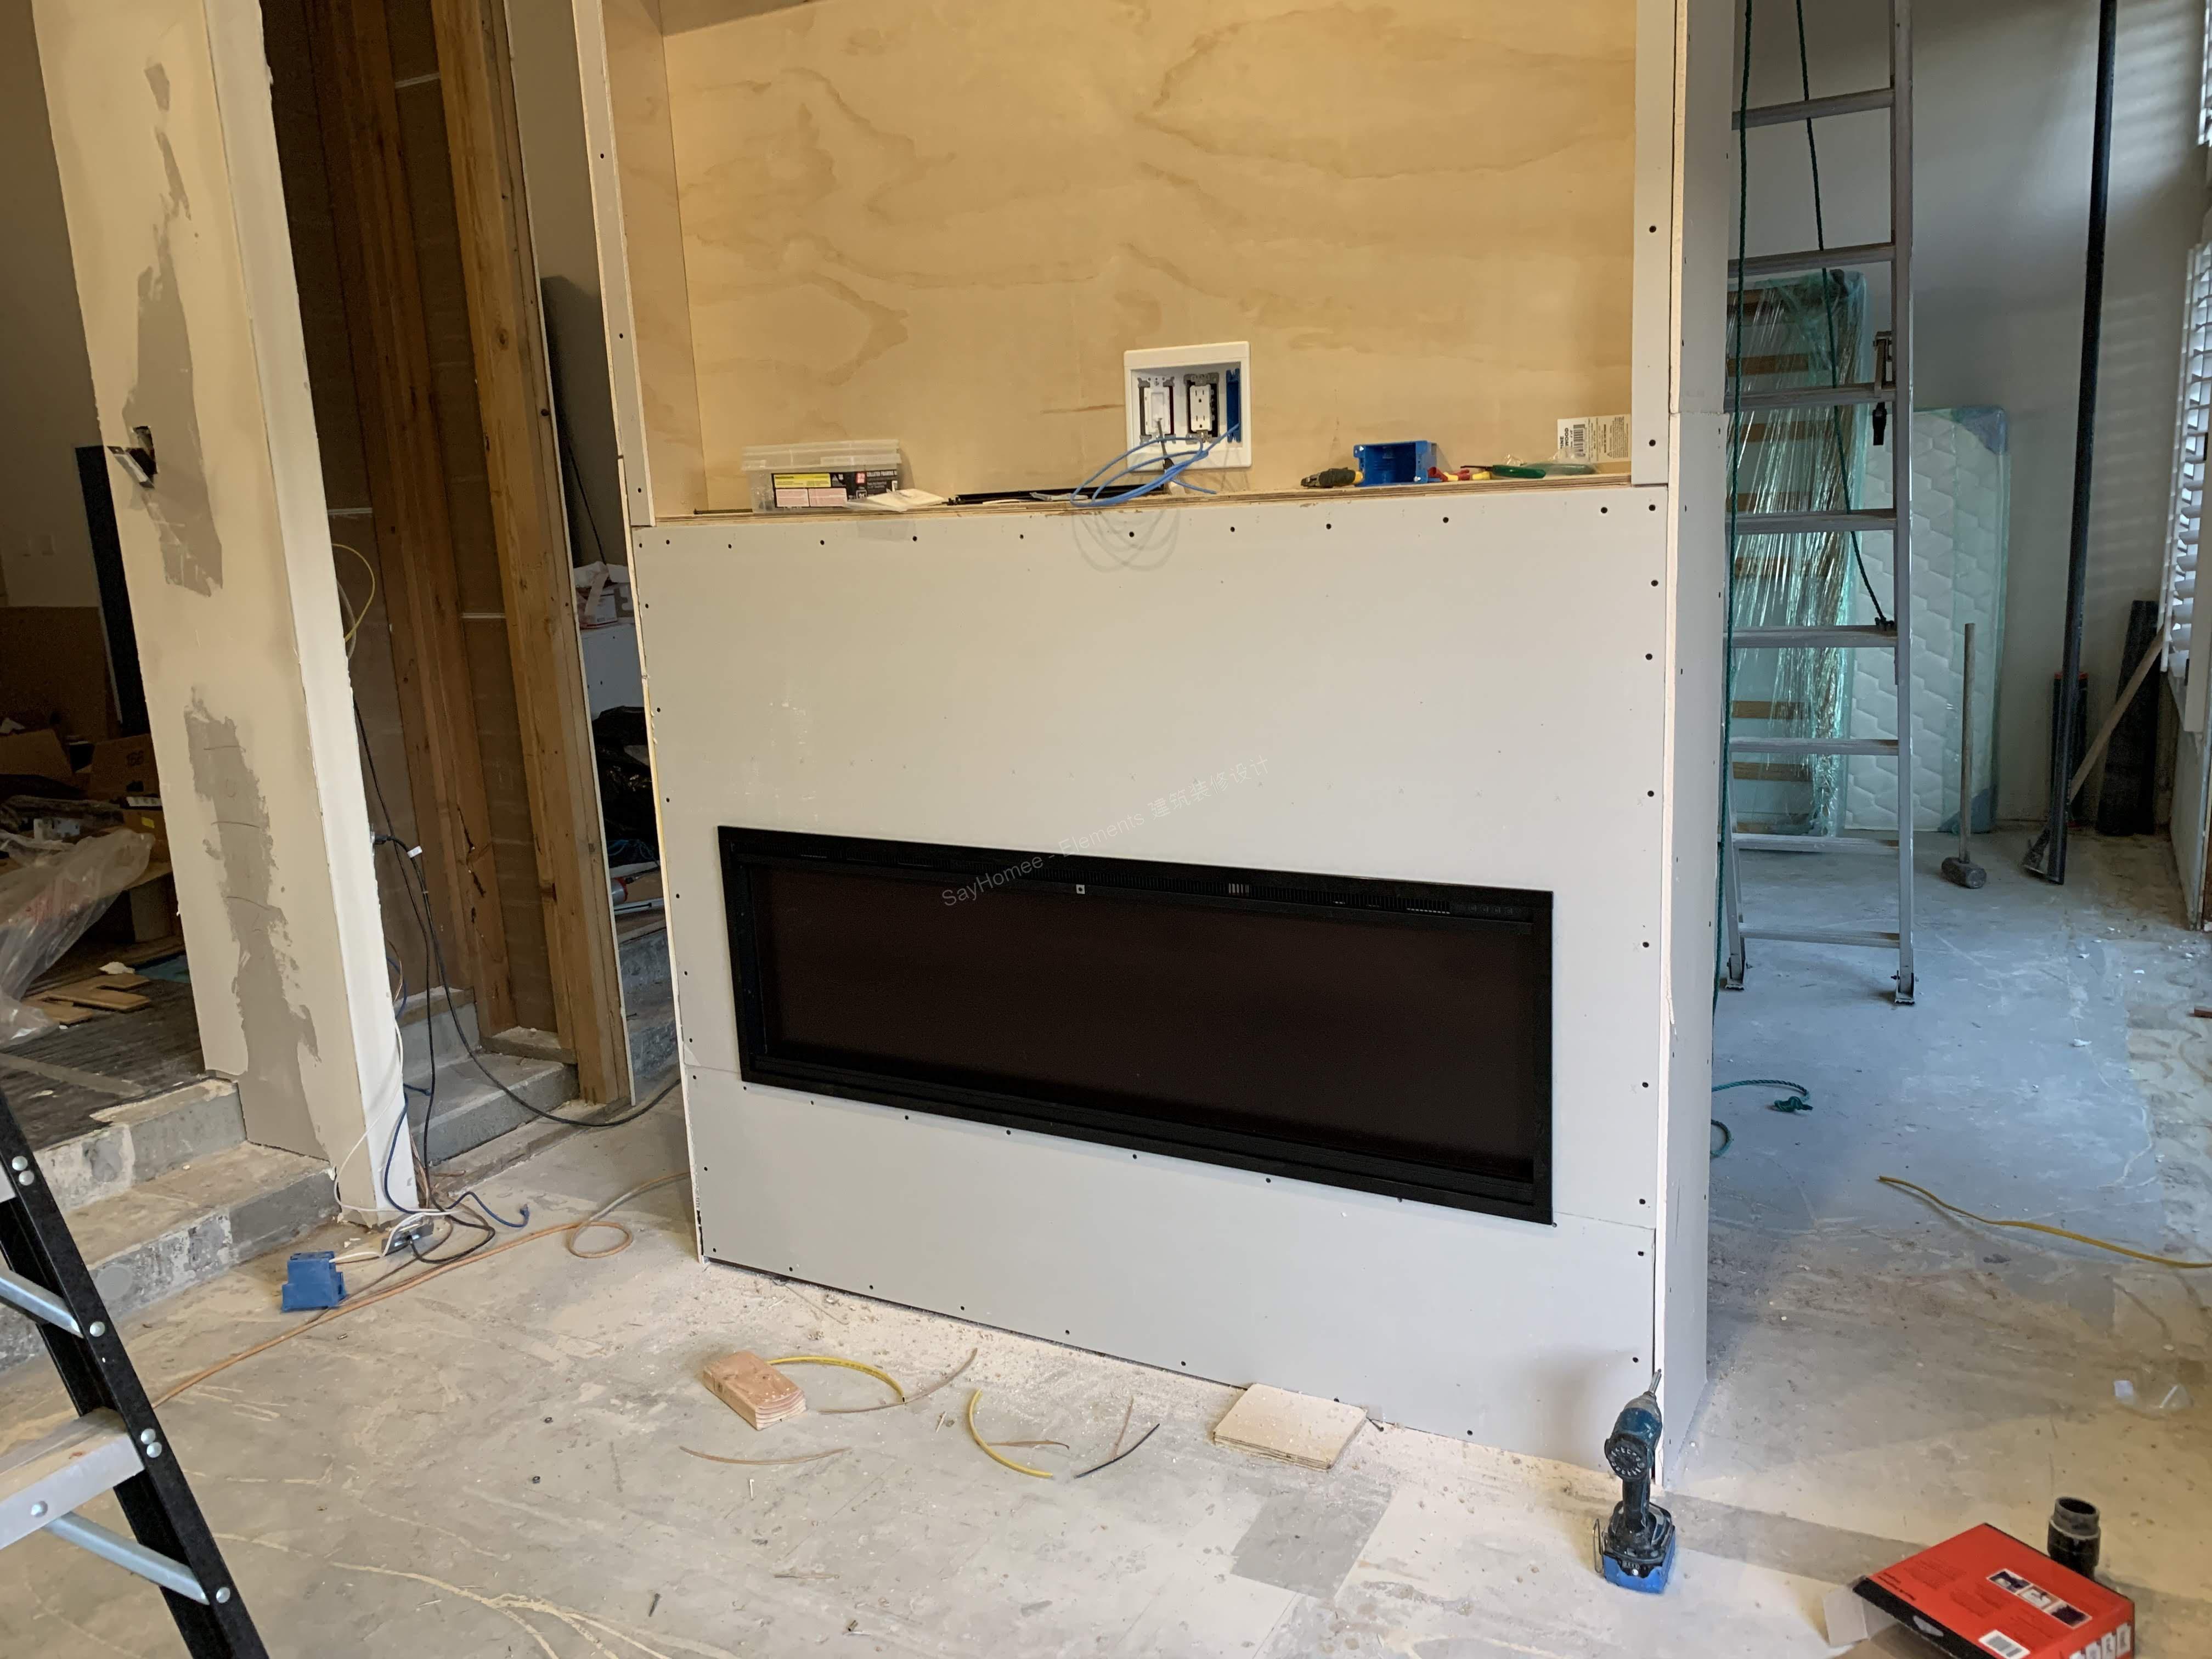 定制书架、电视墙